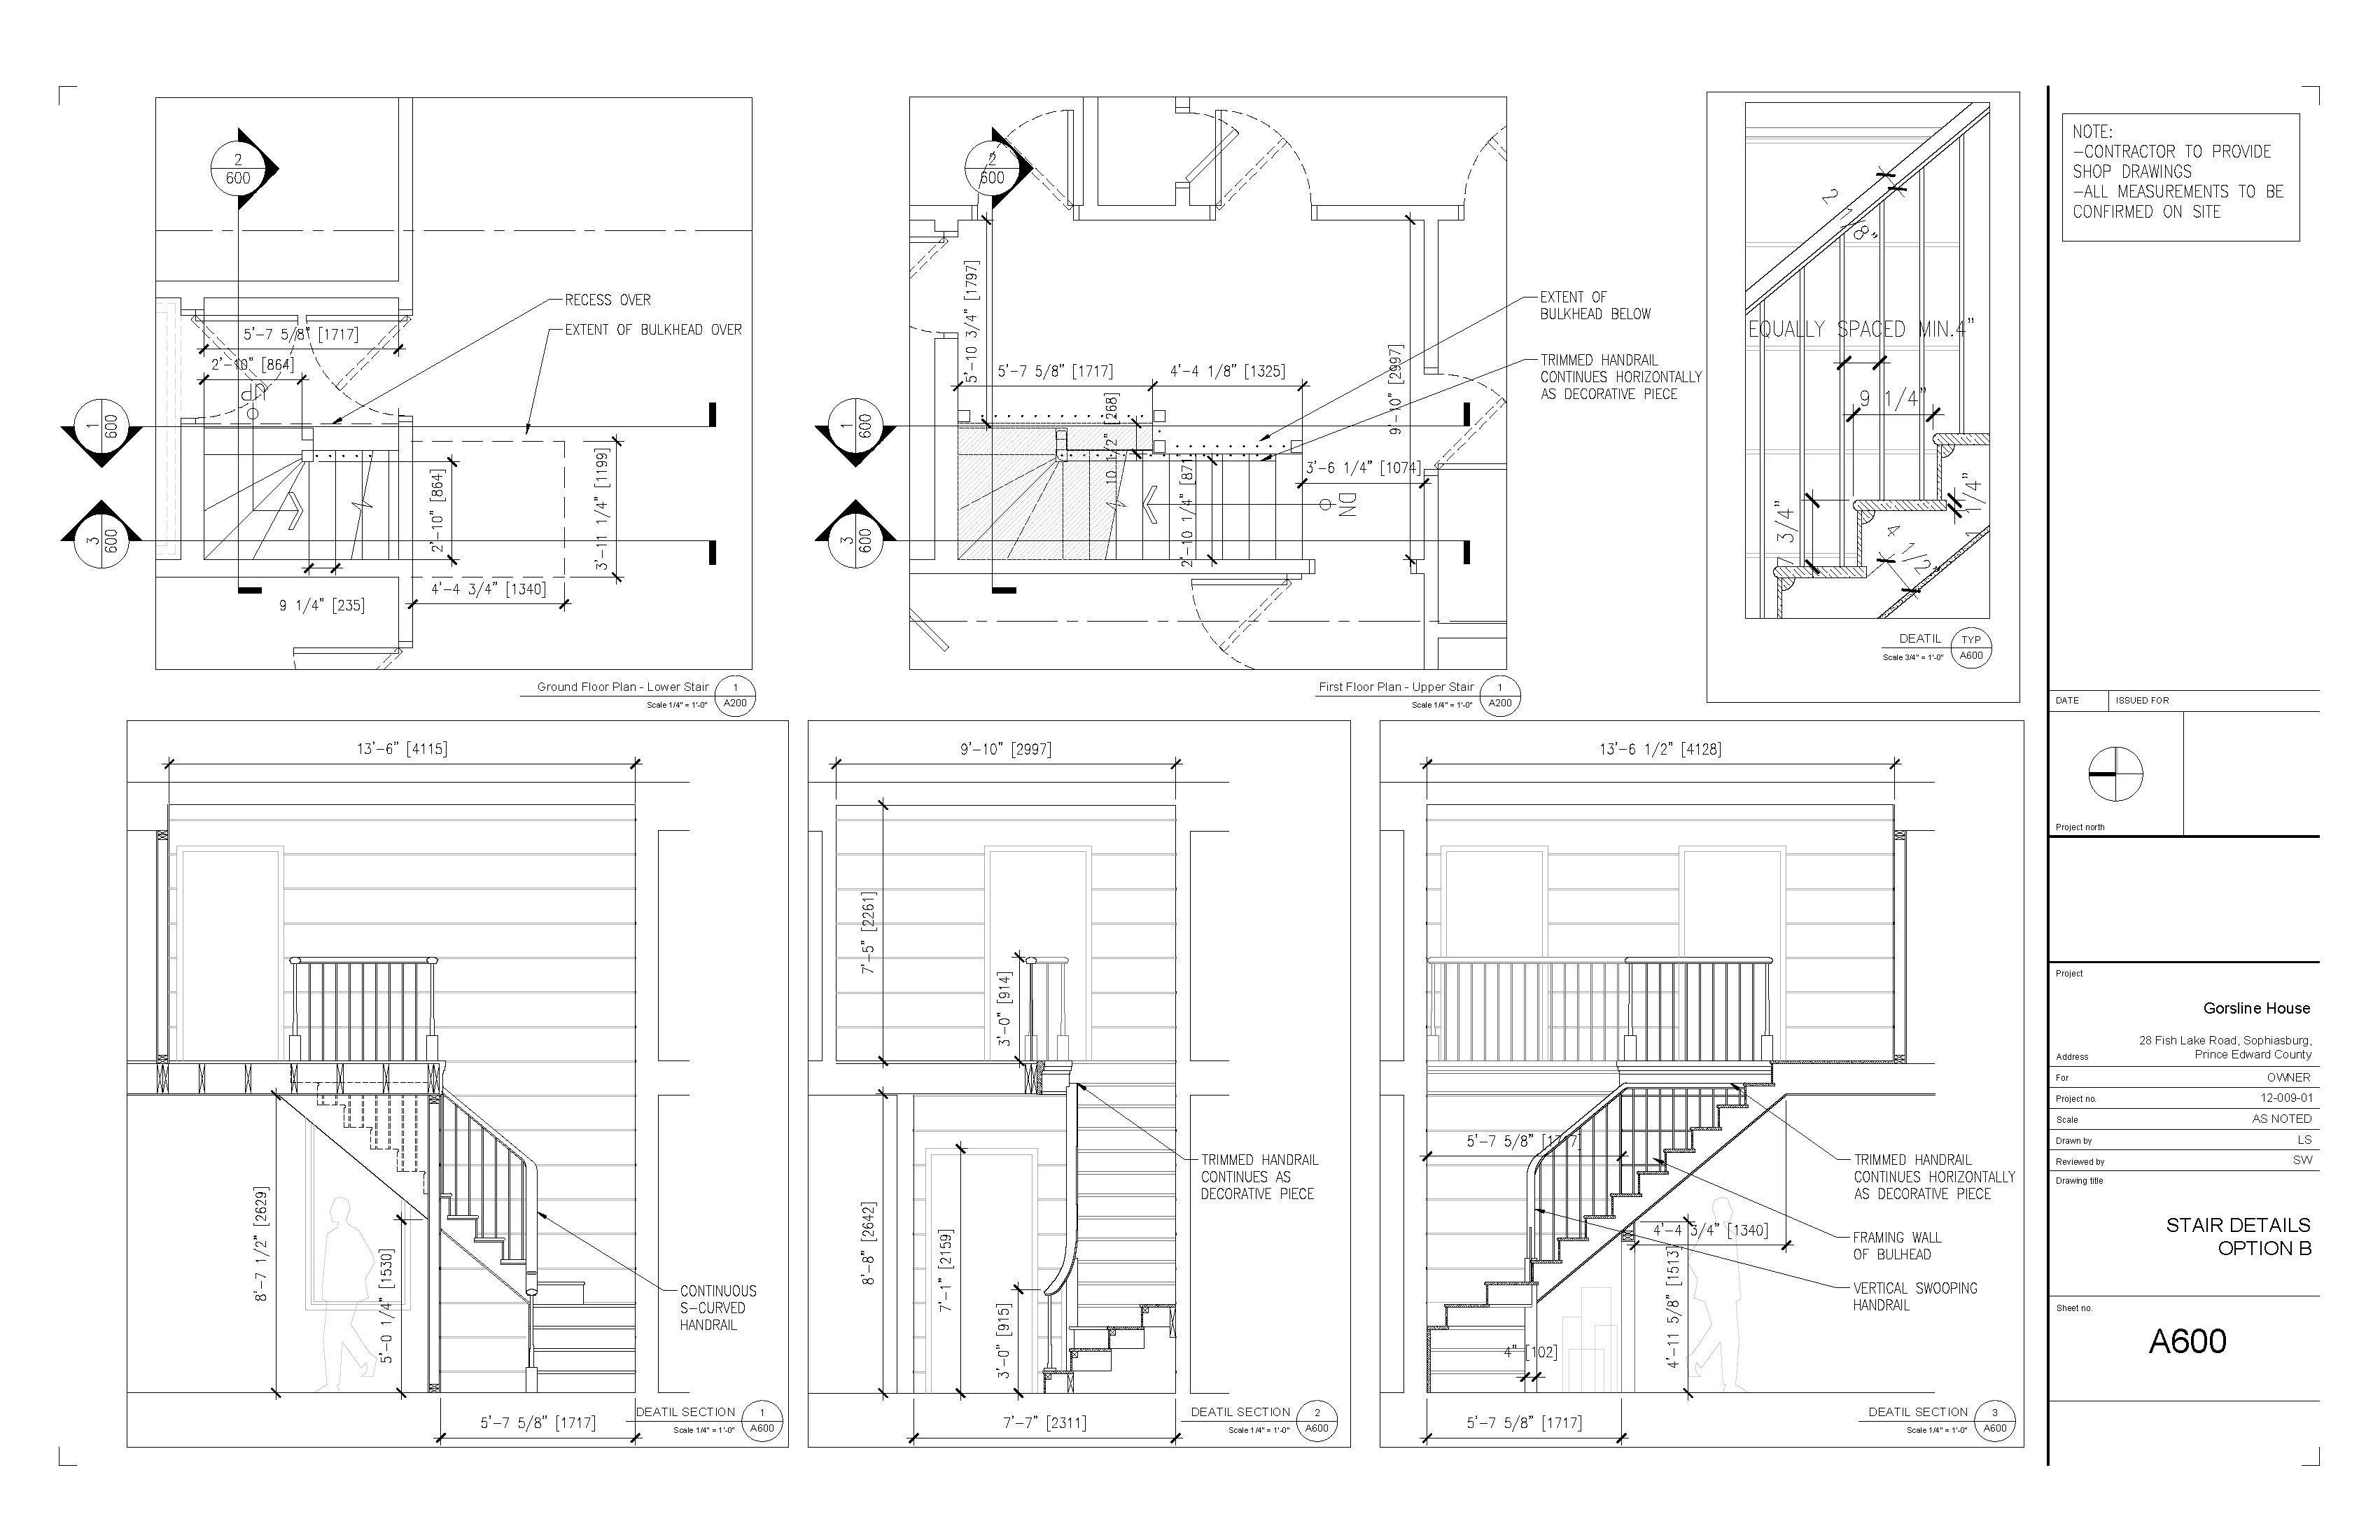 A600 Stair Detail 2